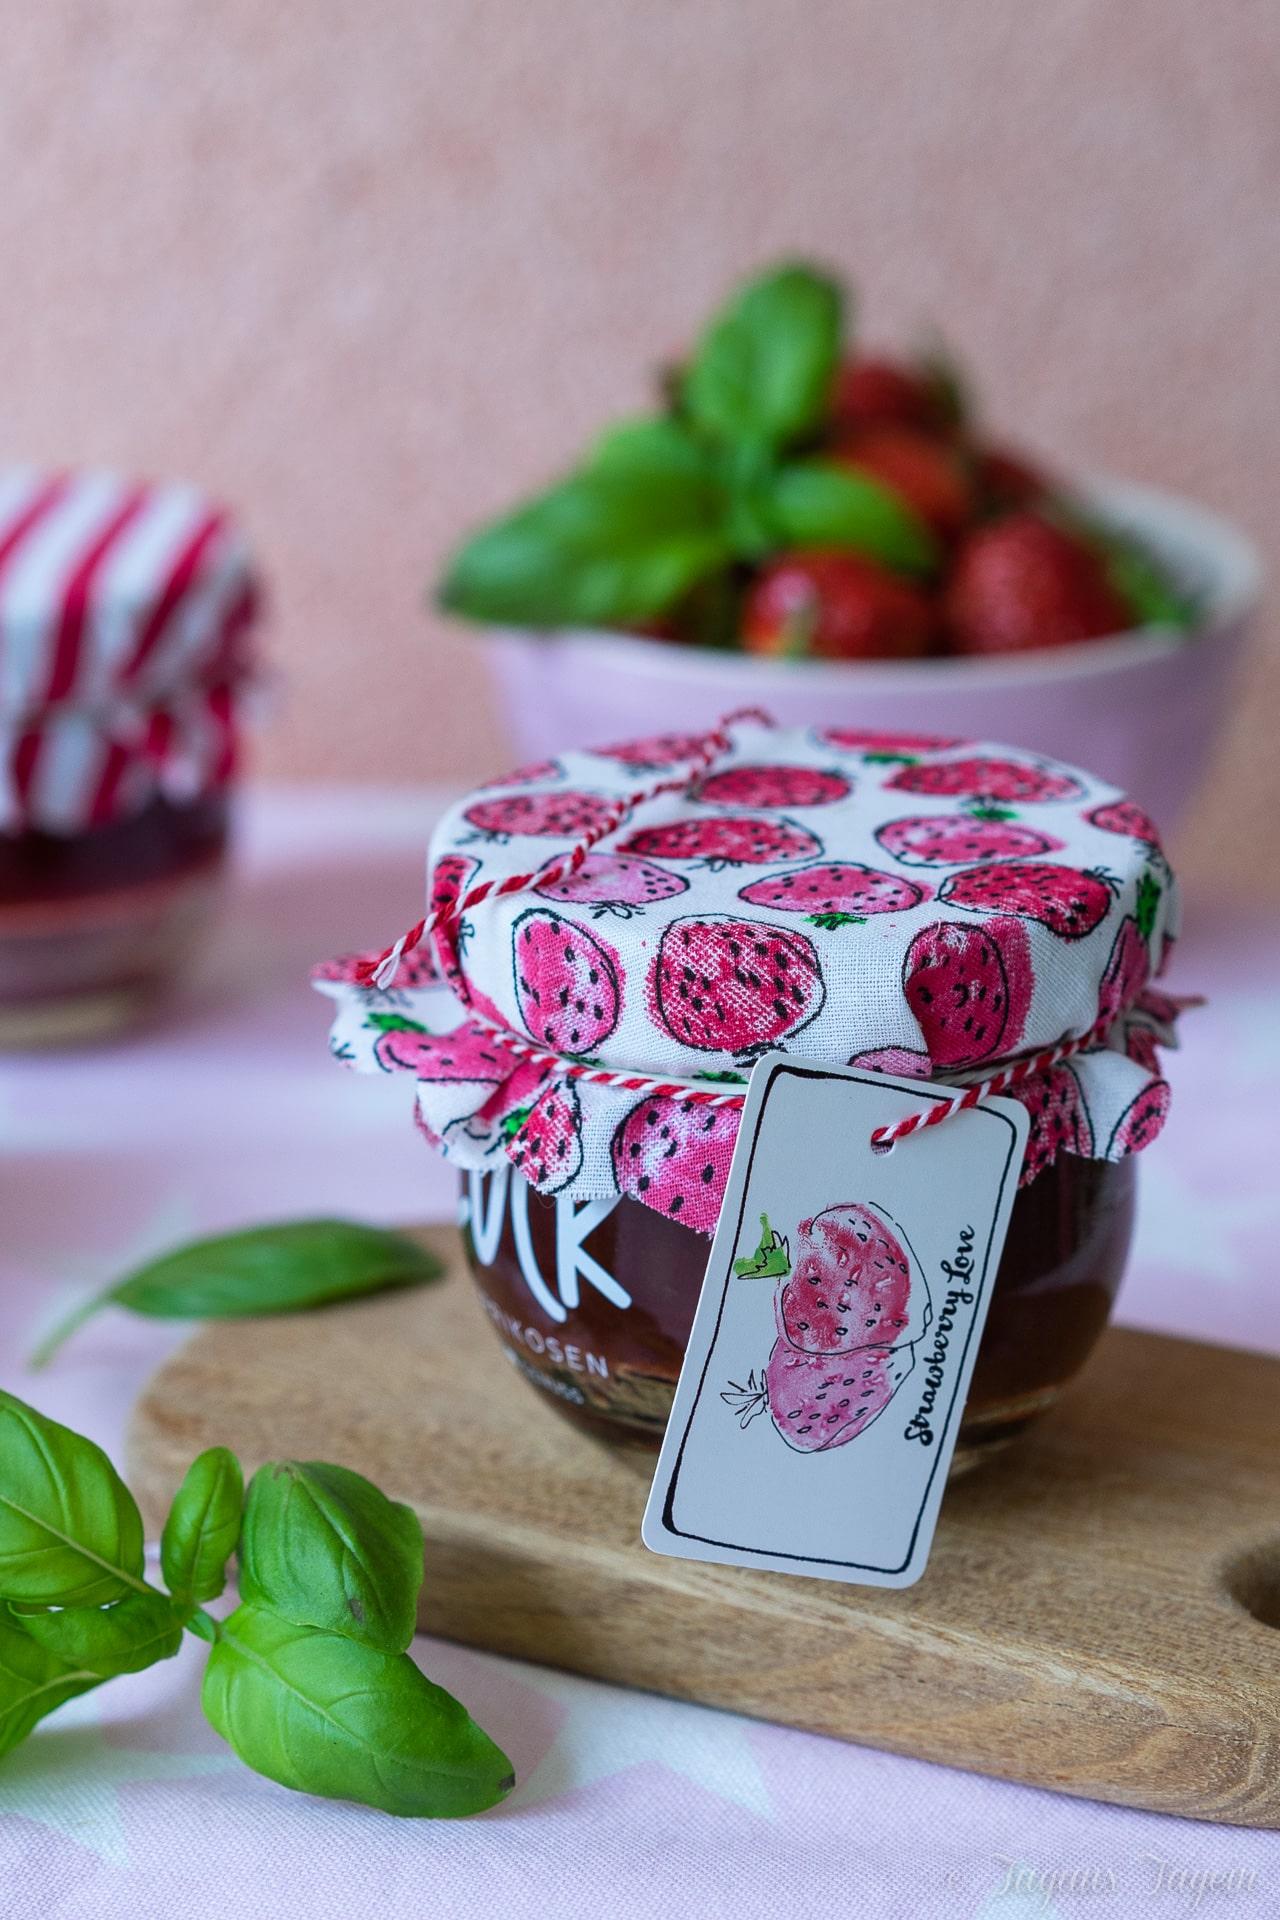 Von Melancholie beim Ausmisten und leckerer Erdbeerkonfitüre mit Basilikum